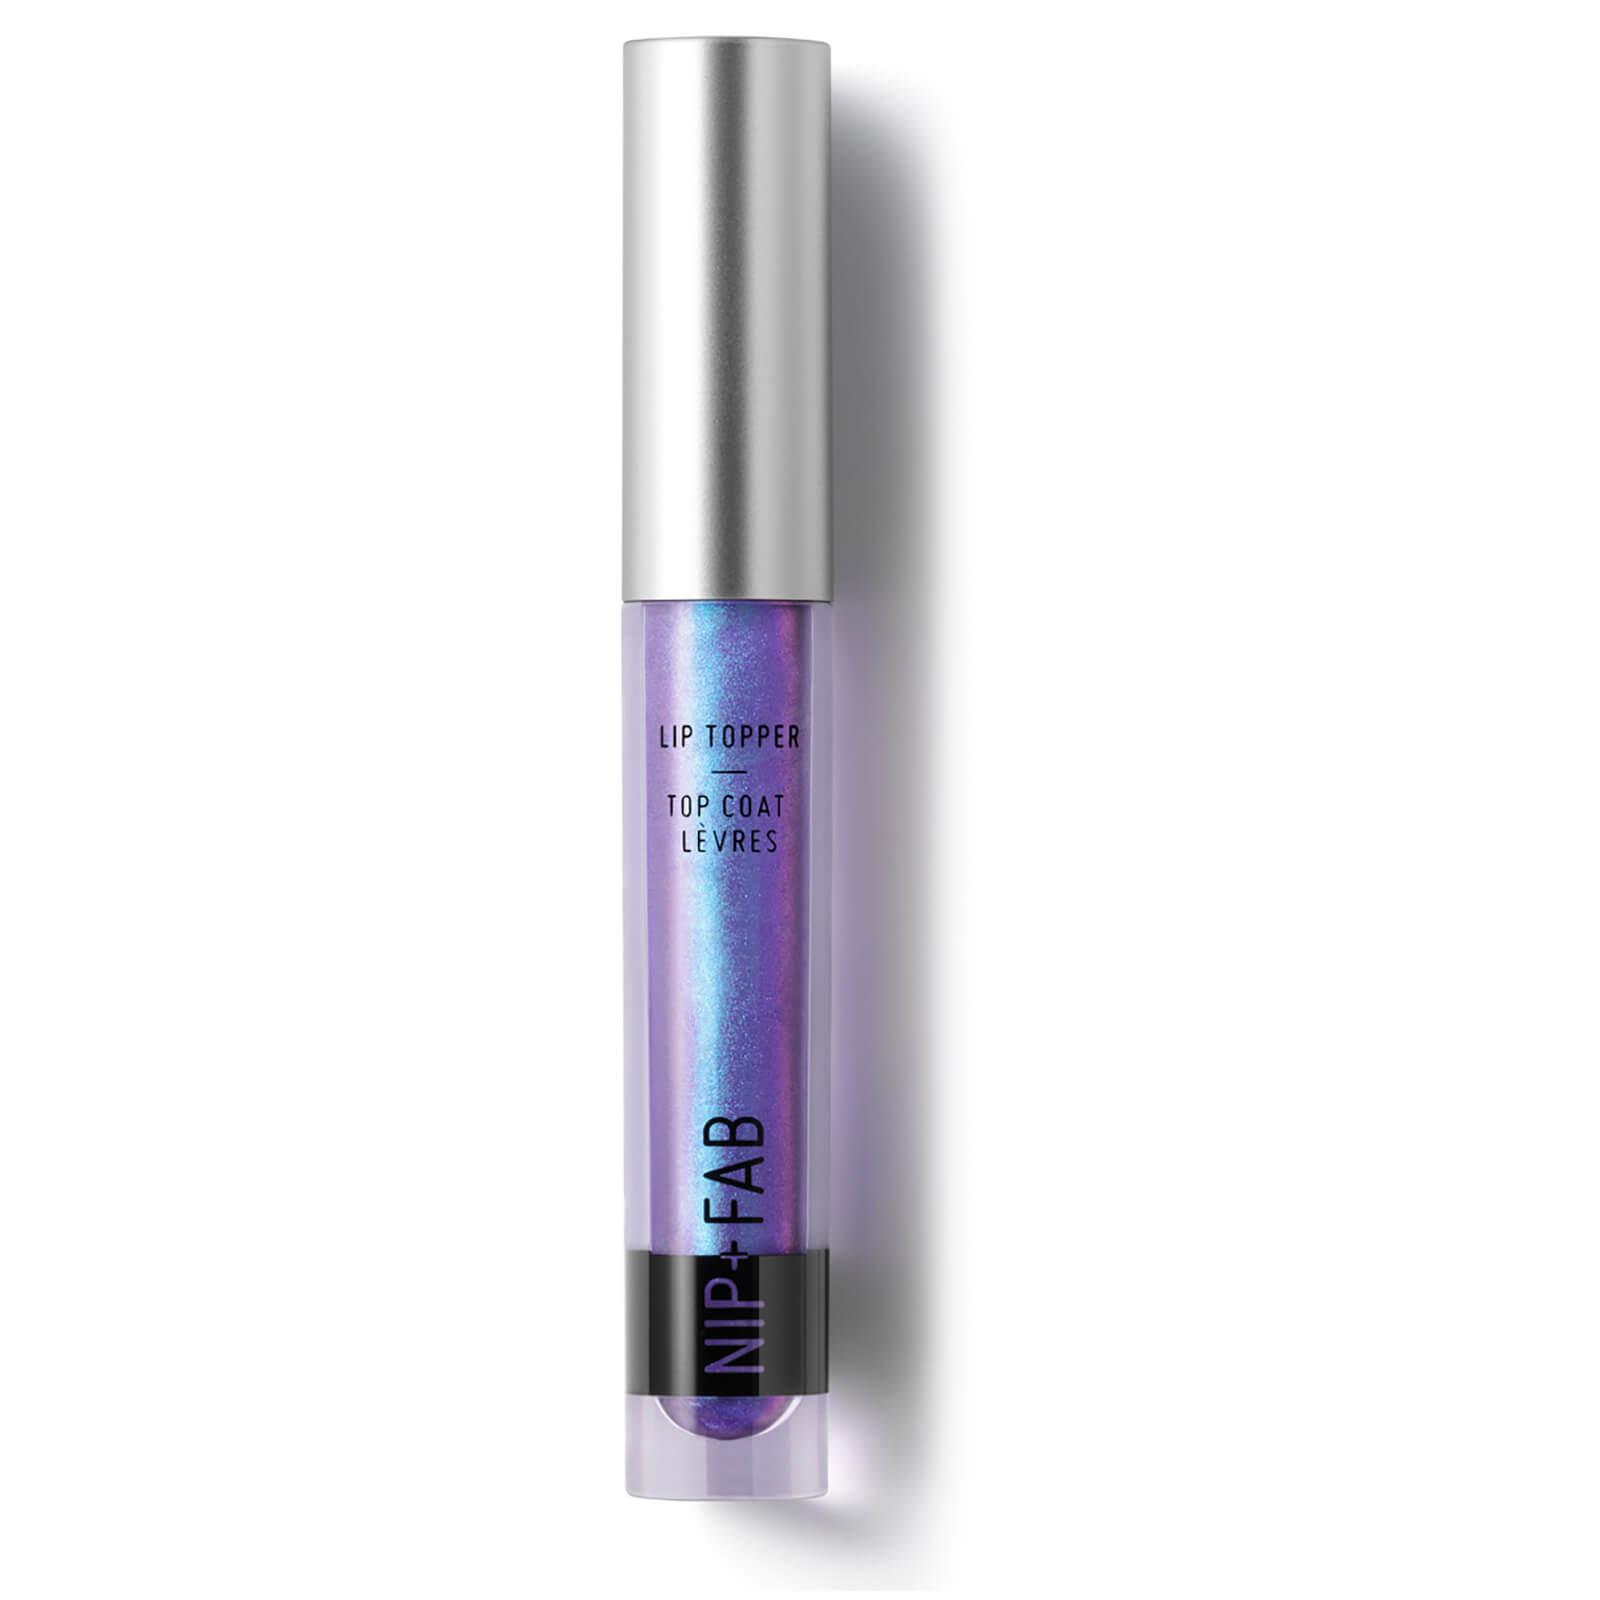 Lip Topper de NIP + FAB - 2,6 ml (varios tonos) - 05 Hypnotic